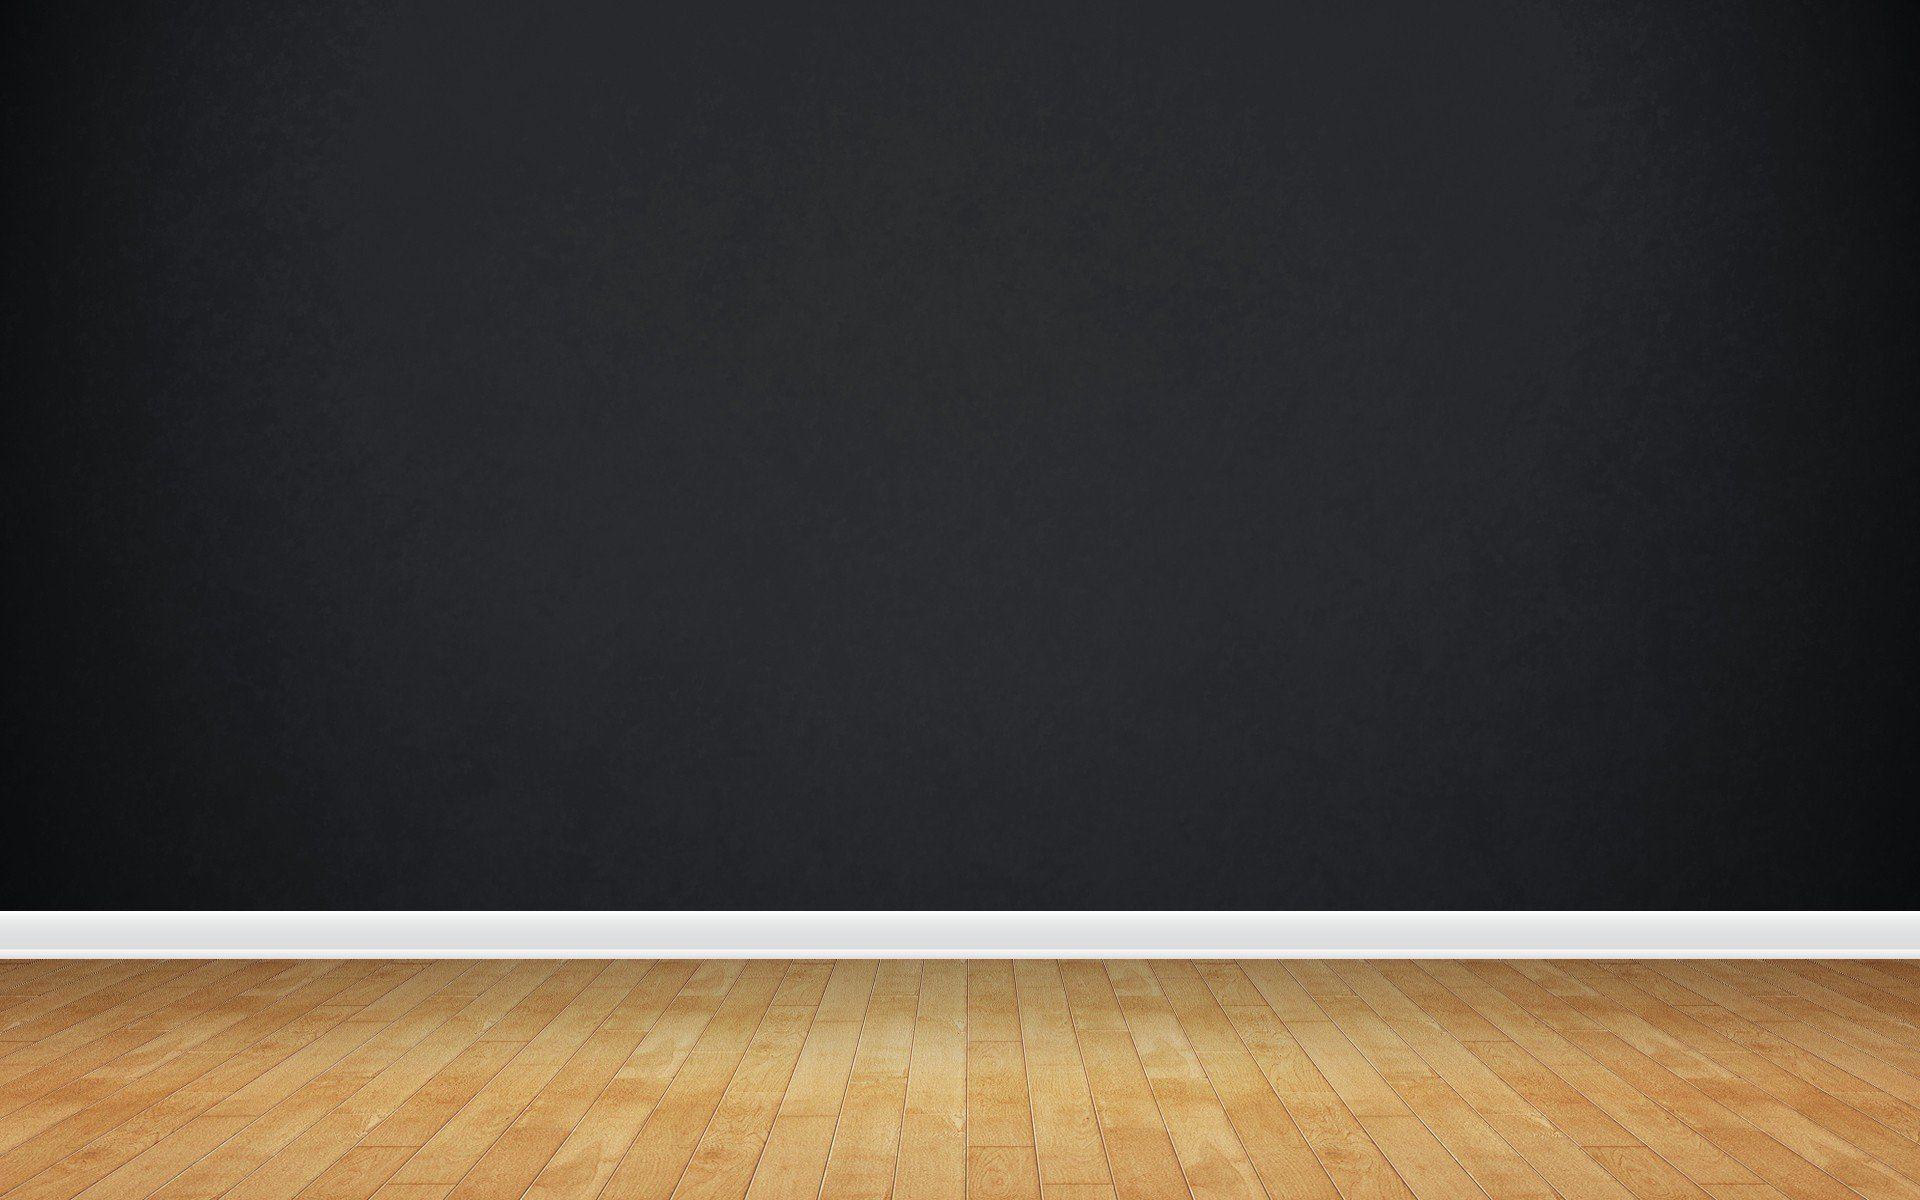 Room Empty Wallpaper - WallDevil